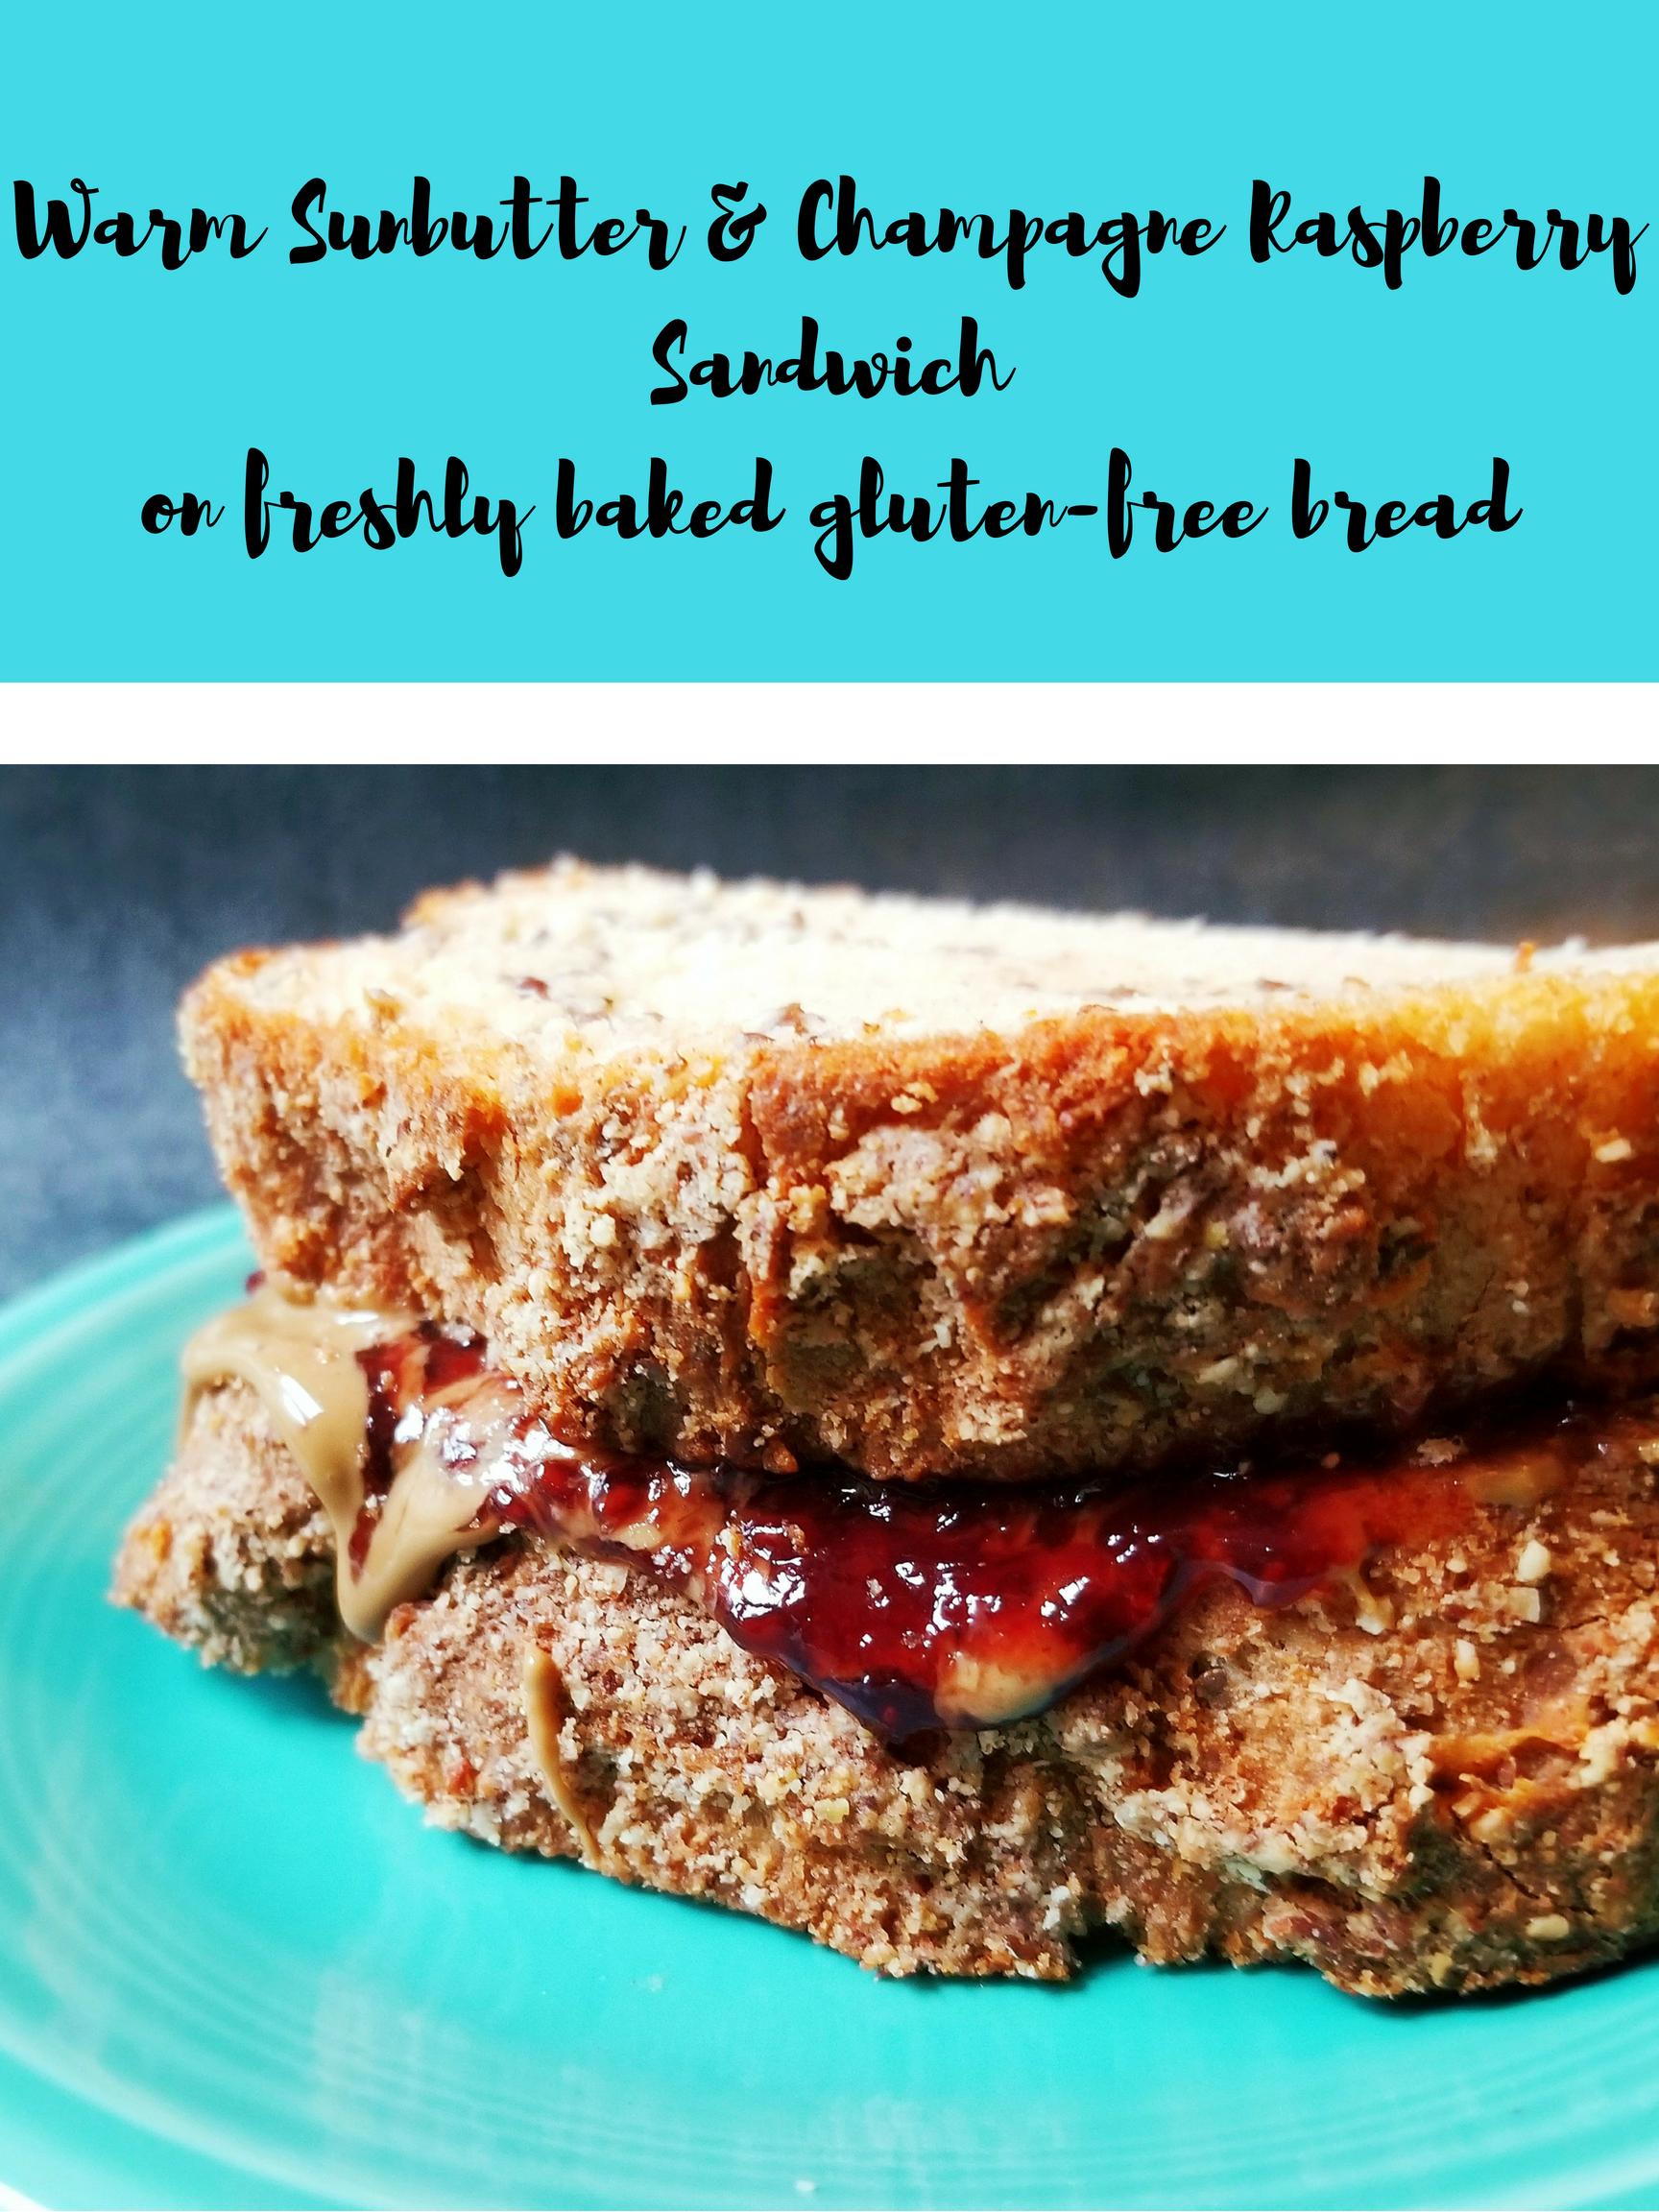 20181001 125834 0001635365464 - Warm Sunbutter & Raspberry Jelly Sandwich On Bob's Red Mill Bread